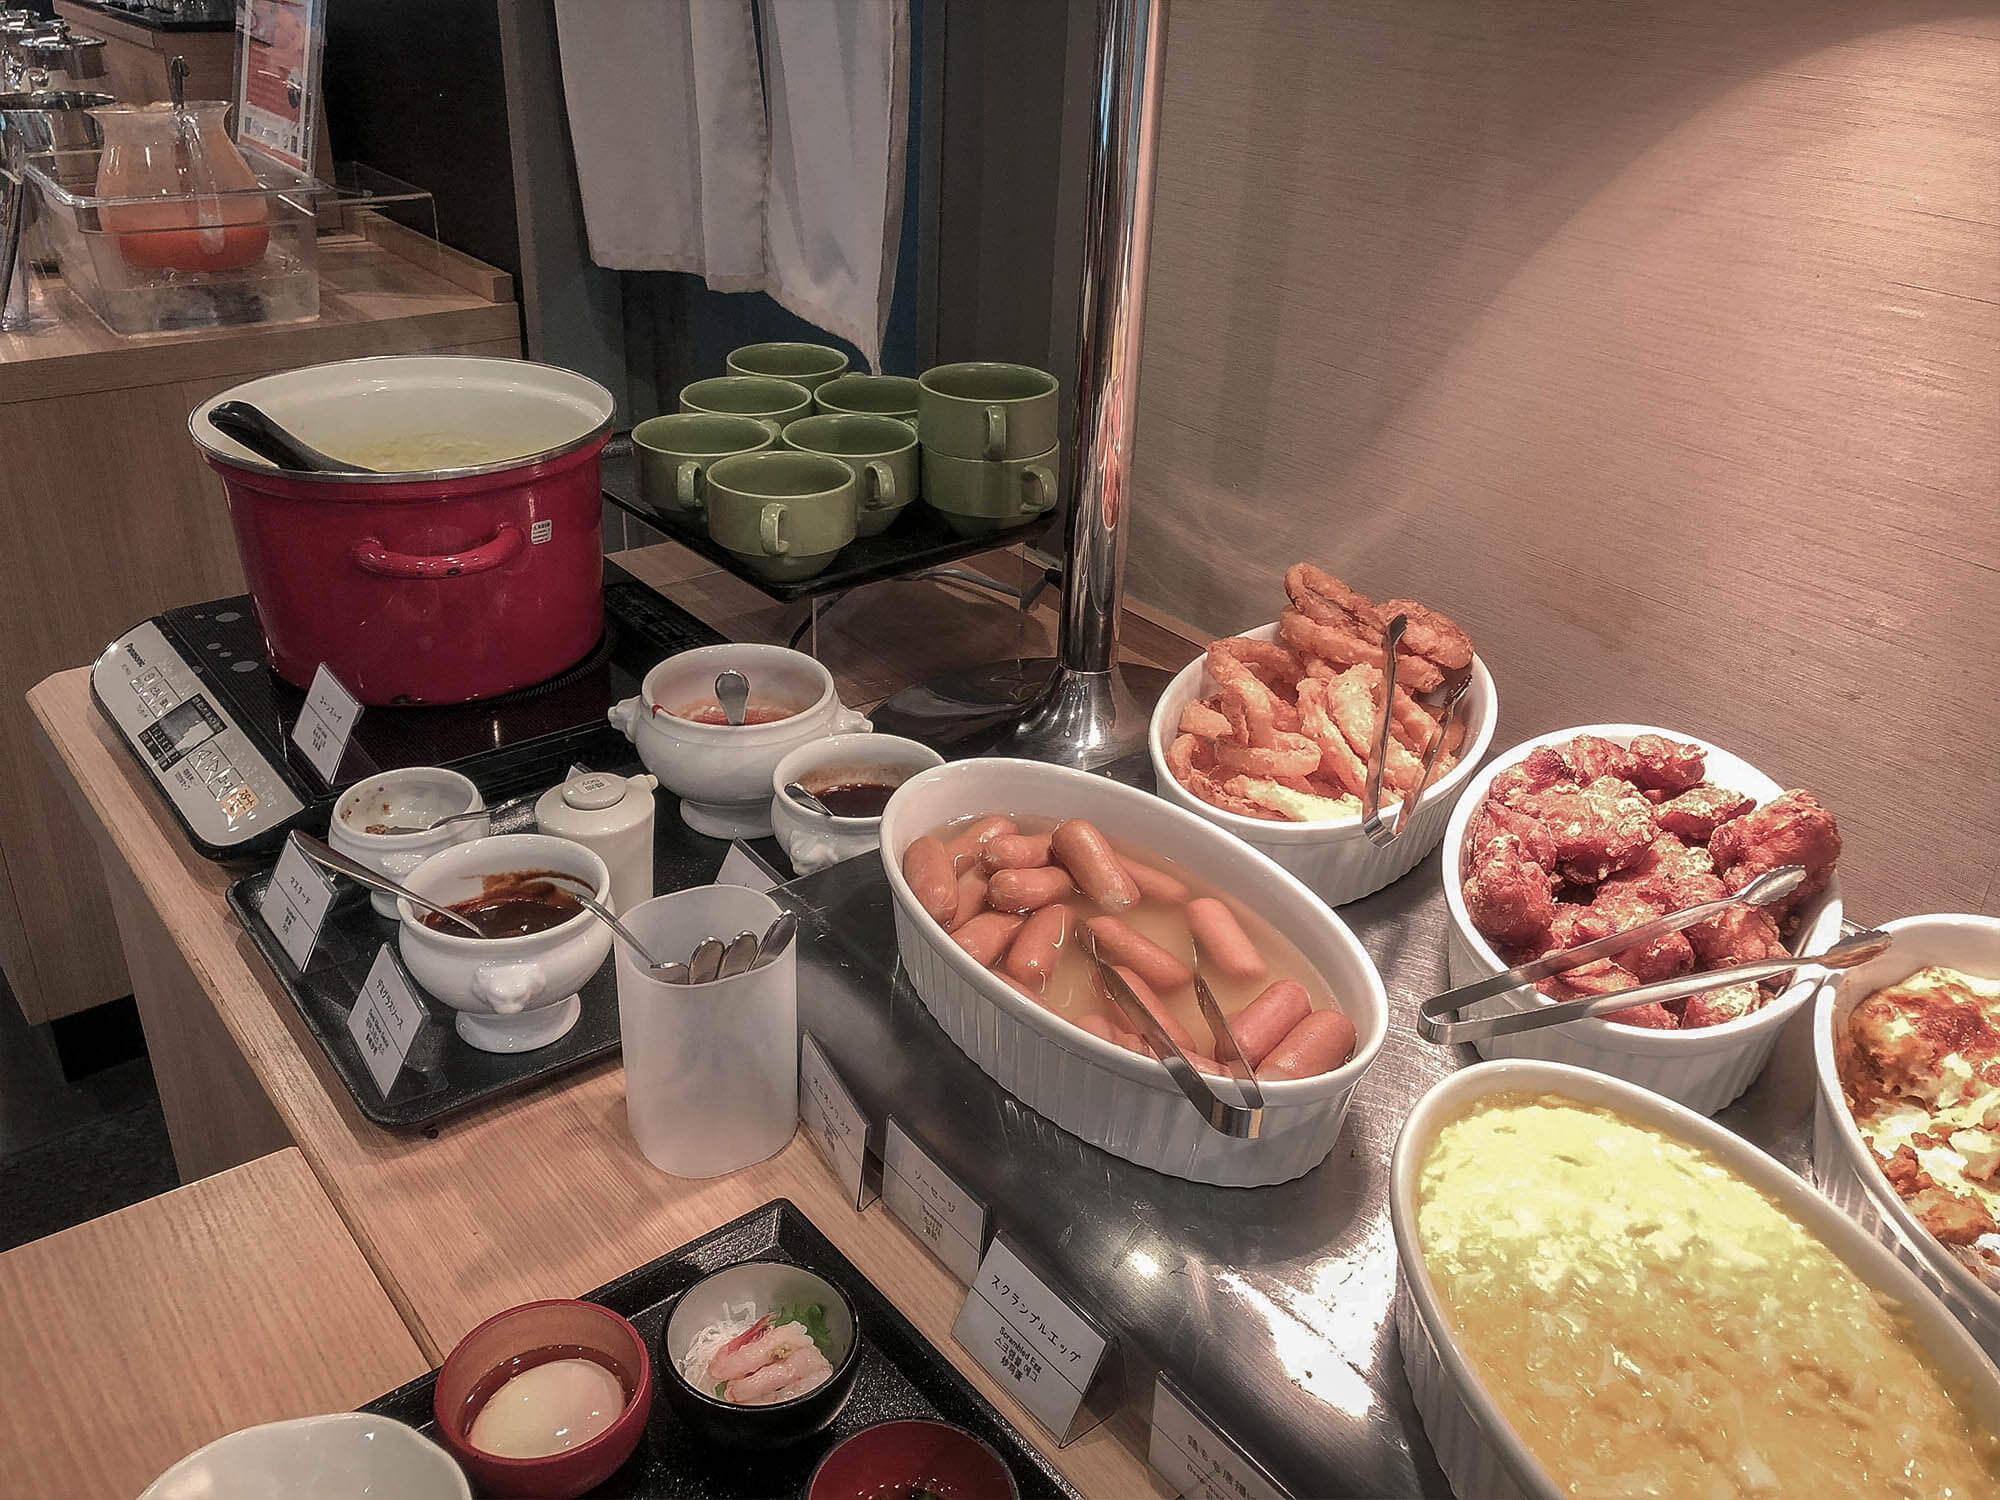 Dormyinn日本橋_hatago早餐7